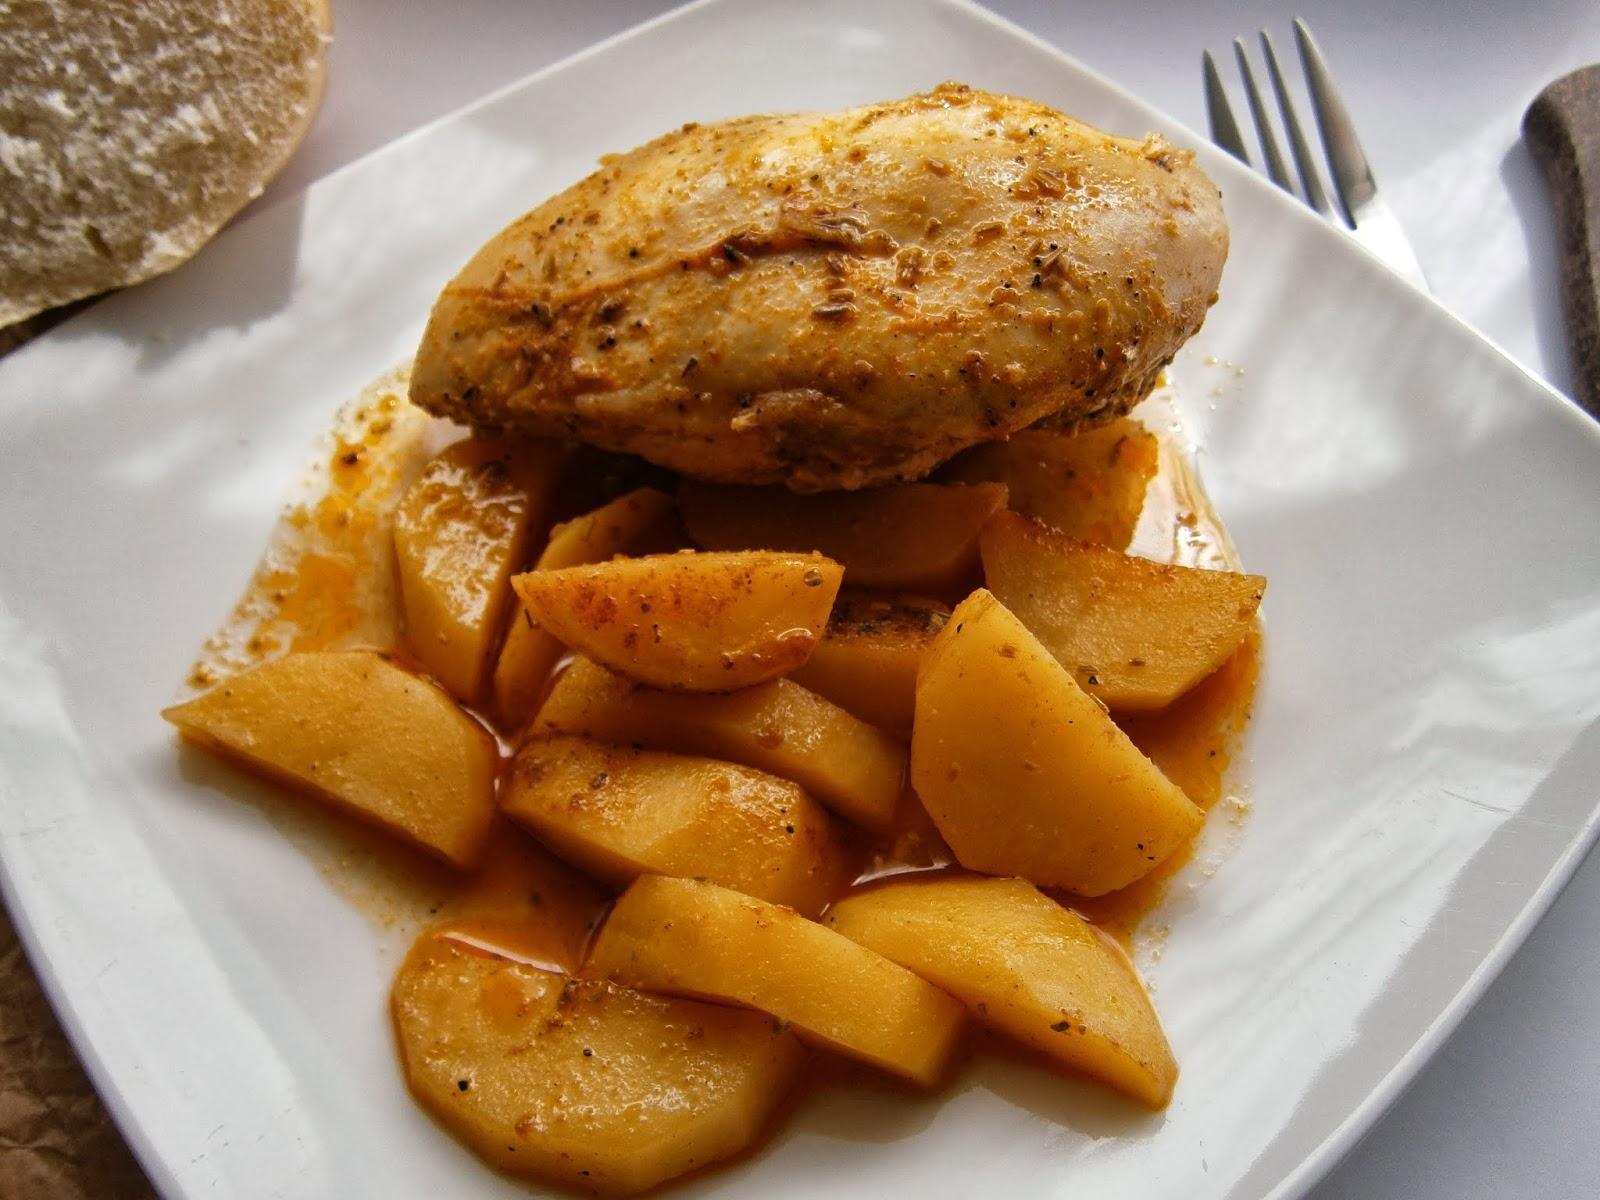 Quitahambres pollo adobado al horno con papas - Pollo al horno con limon y patatas ...